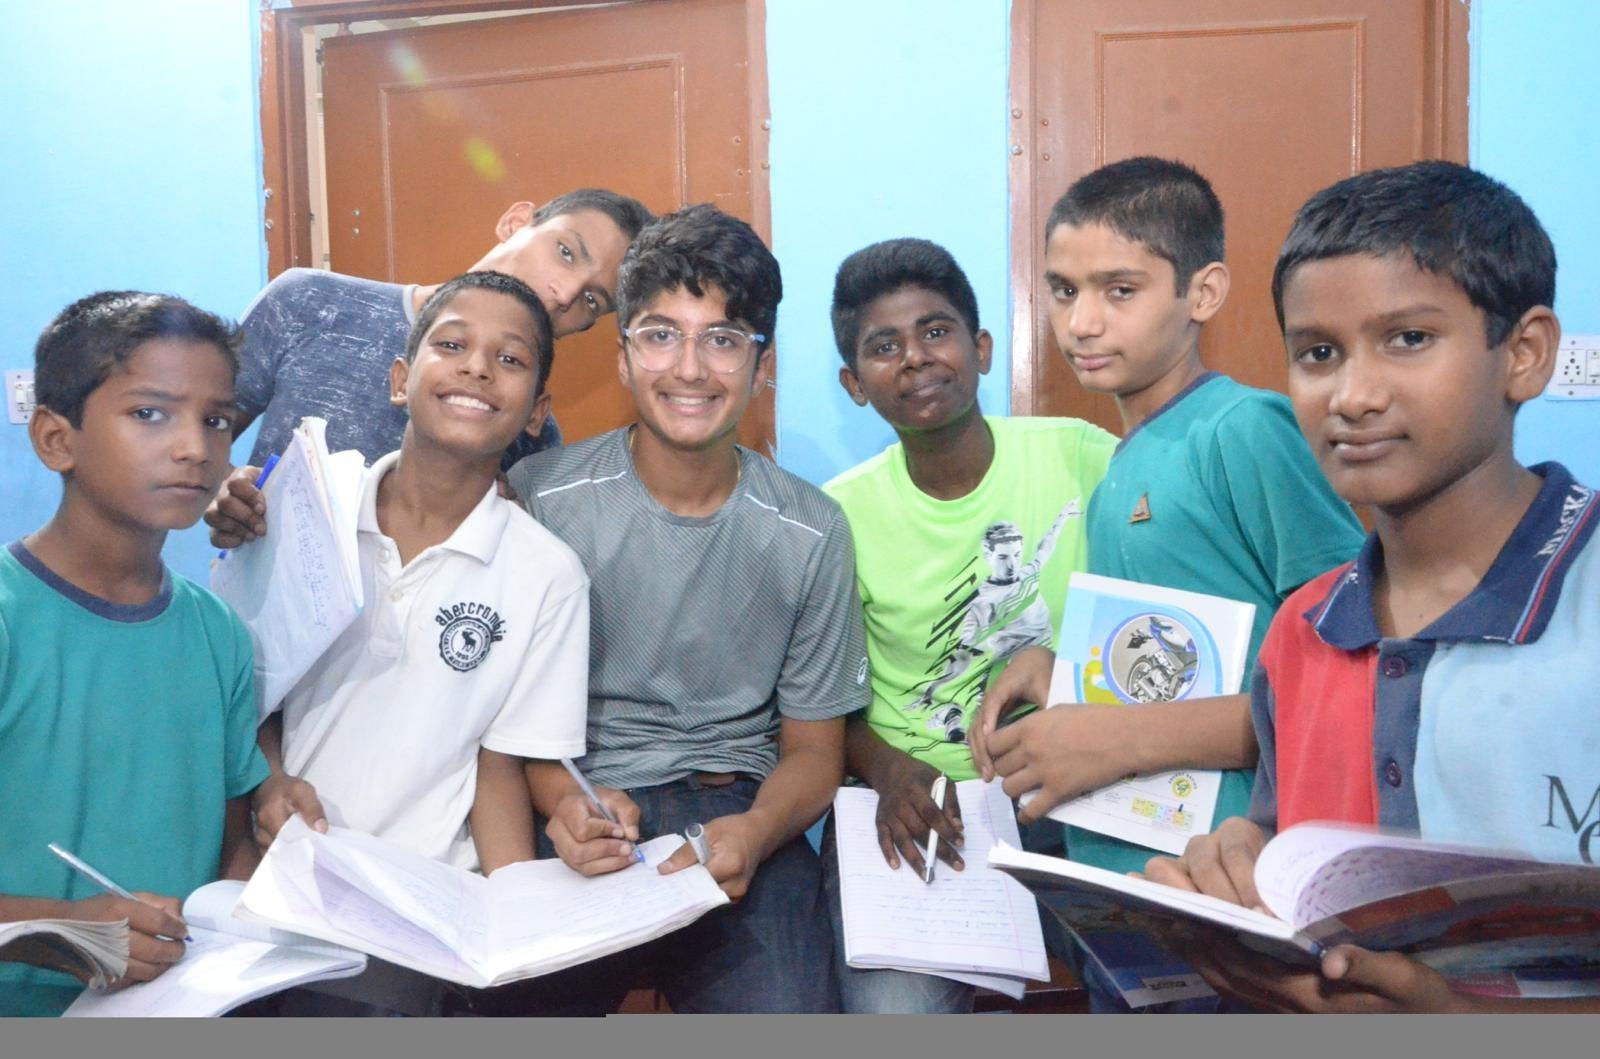 US born Indian origin 15-year child Aron's services appreciated